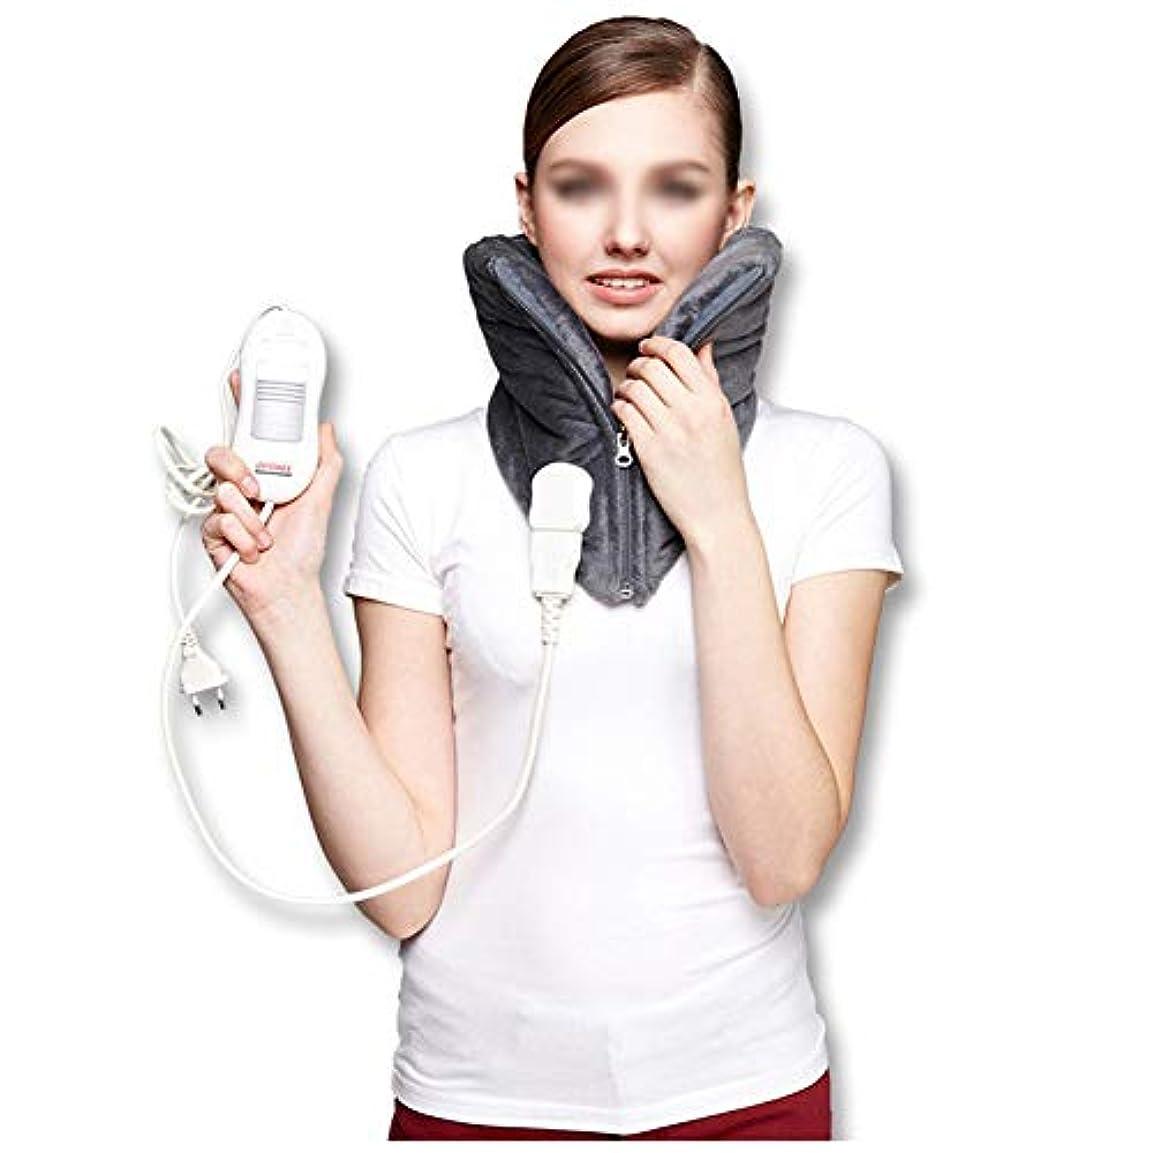 電報利得パートナー頚部の電気ヒーターパッド - 暖かい頚椎のヒートパッド、自動電源オフ、洗える、3速度一定温度、高齢者の痛みを軽減するマッサージャー